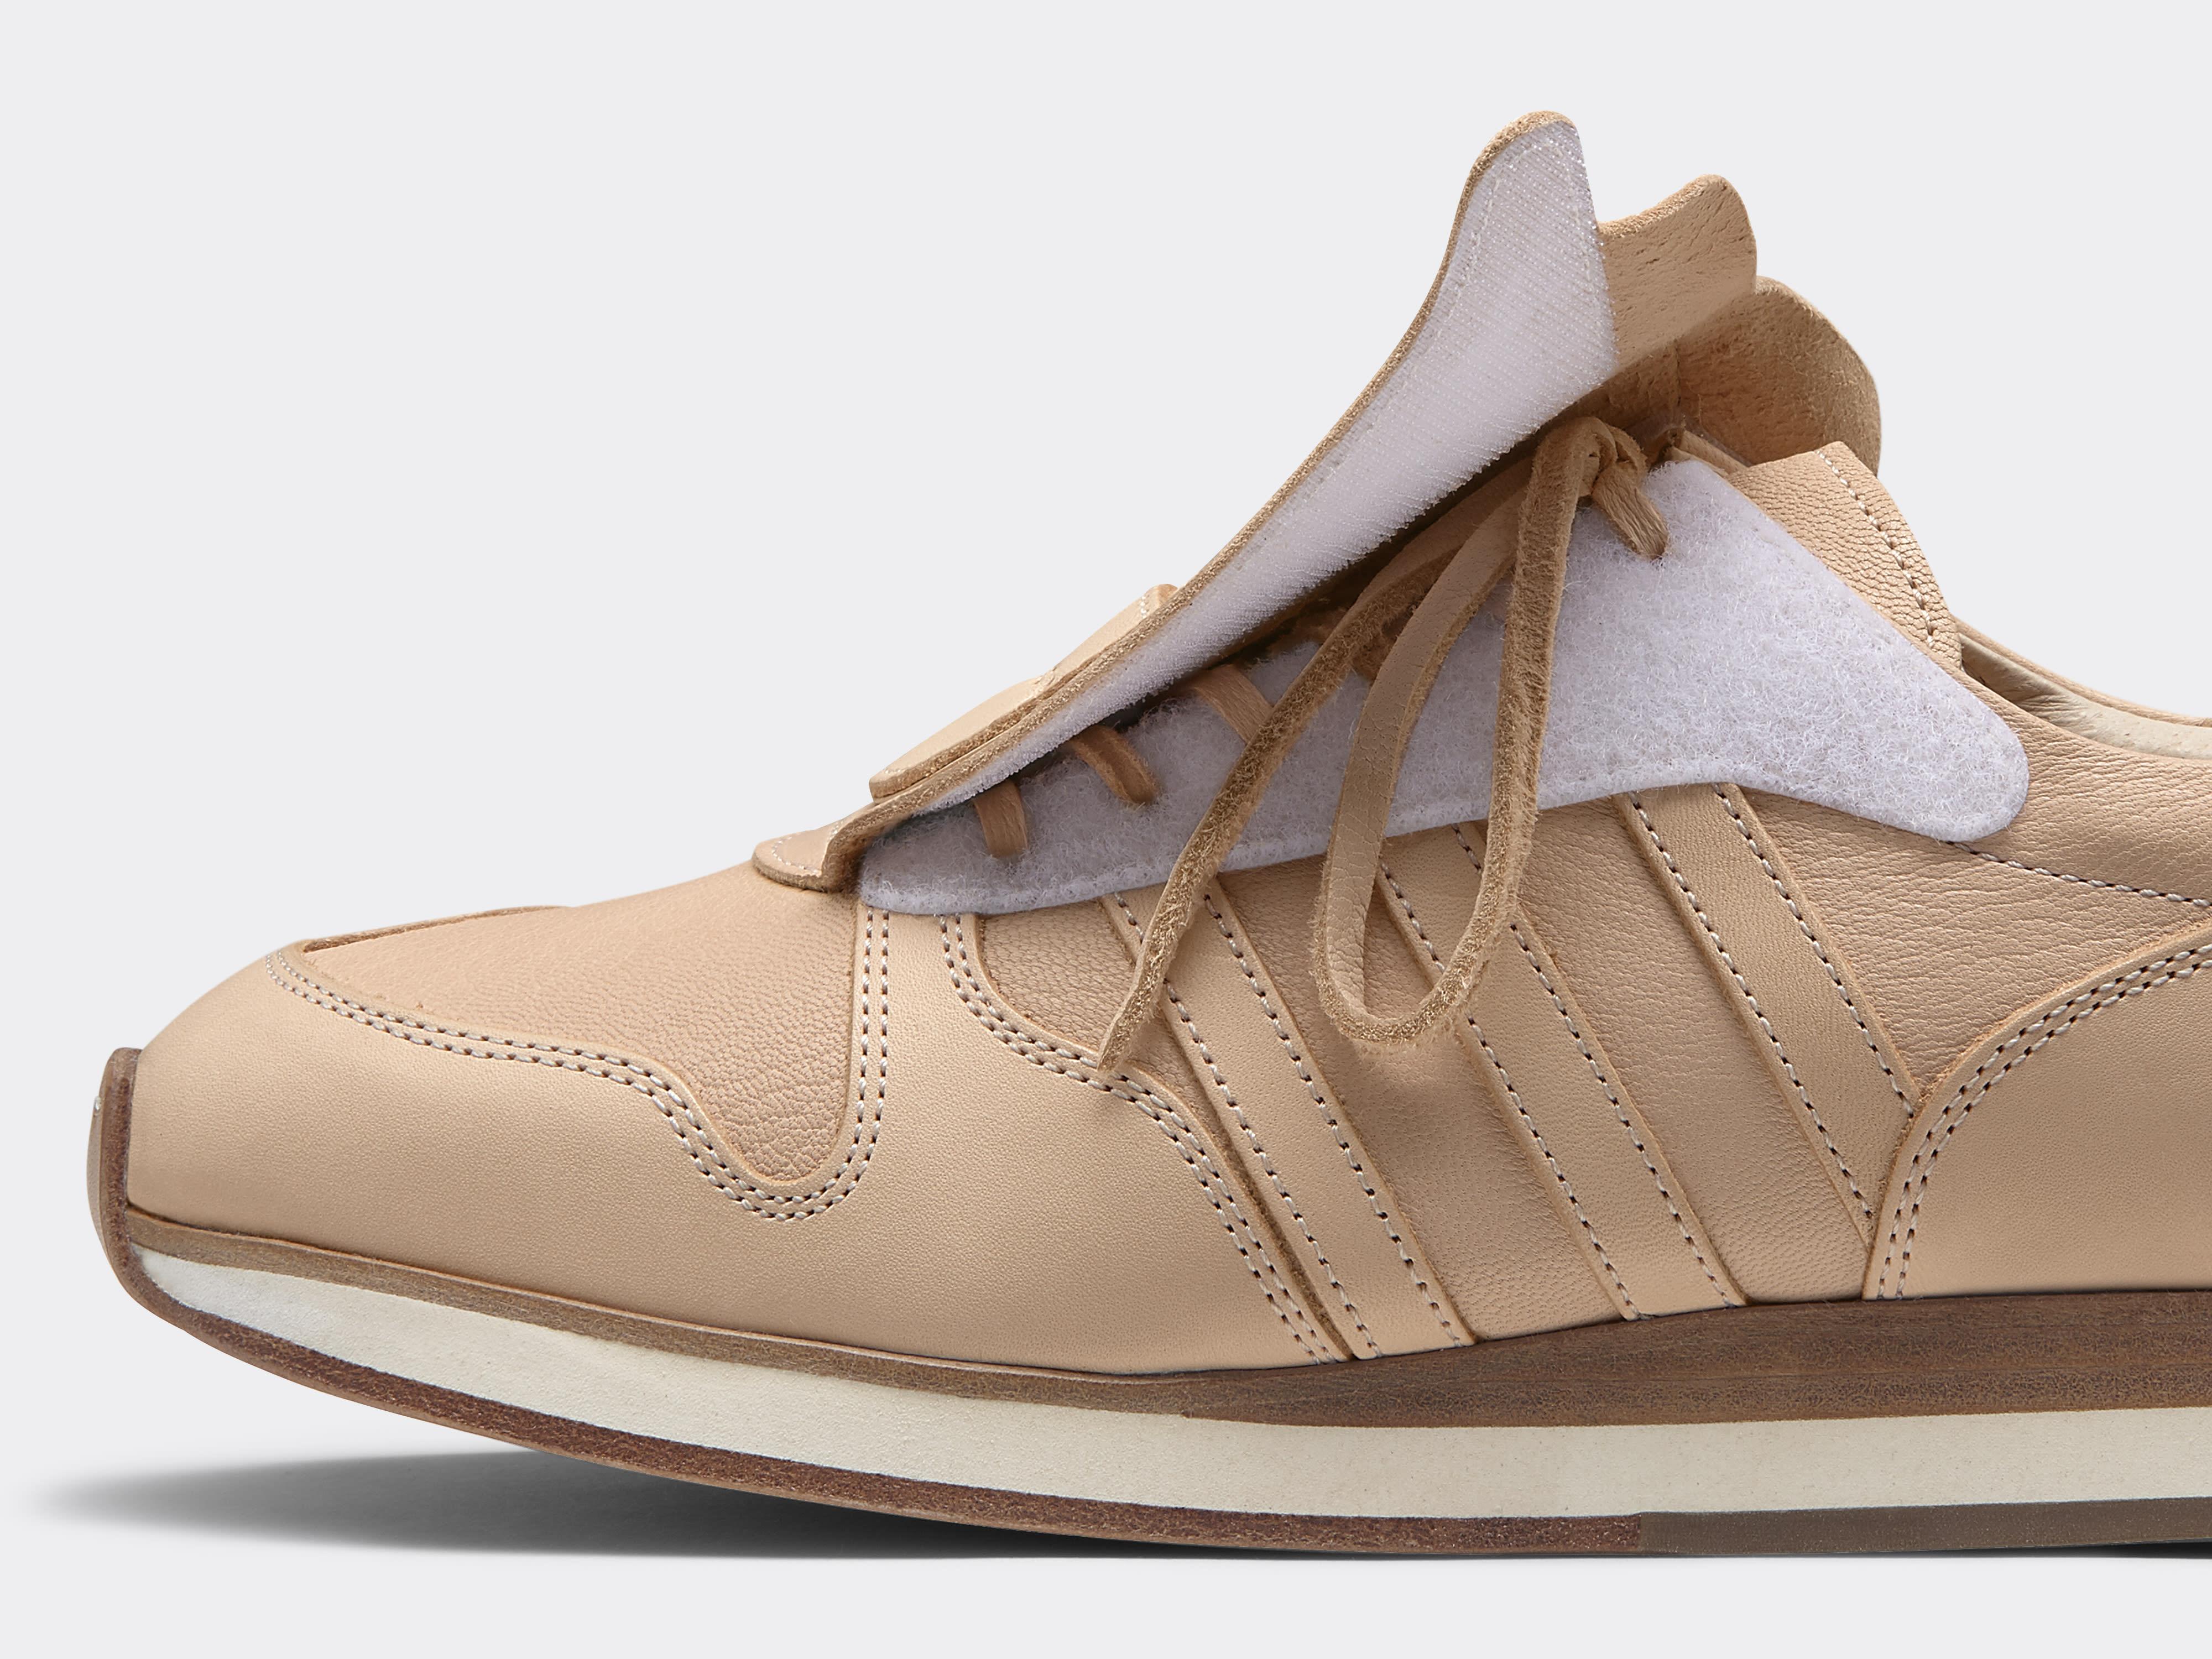 adidas-hender-scheme3